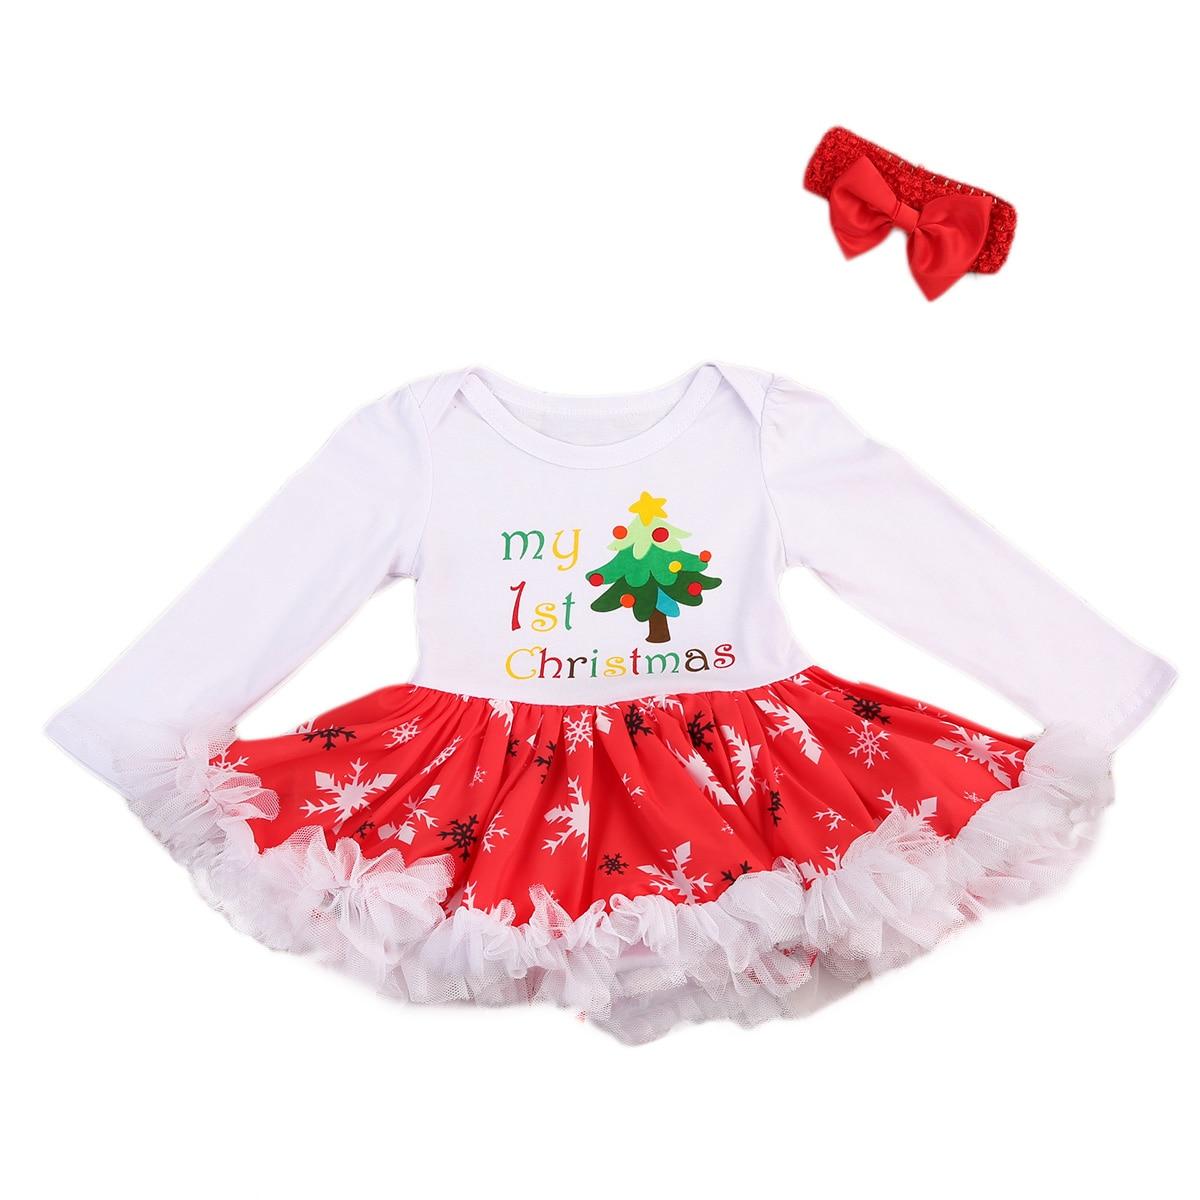 100% QualitäT Baby Mädchen Mein 1st Weihnachten Kleid Bowknot Stirnband Outfits Set 0-24 Mt